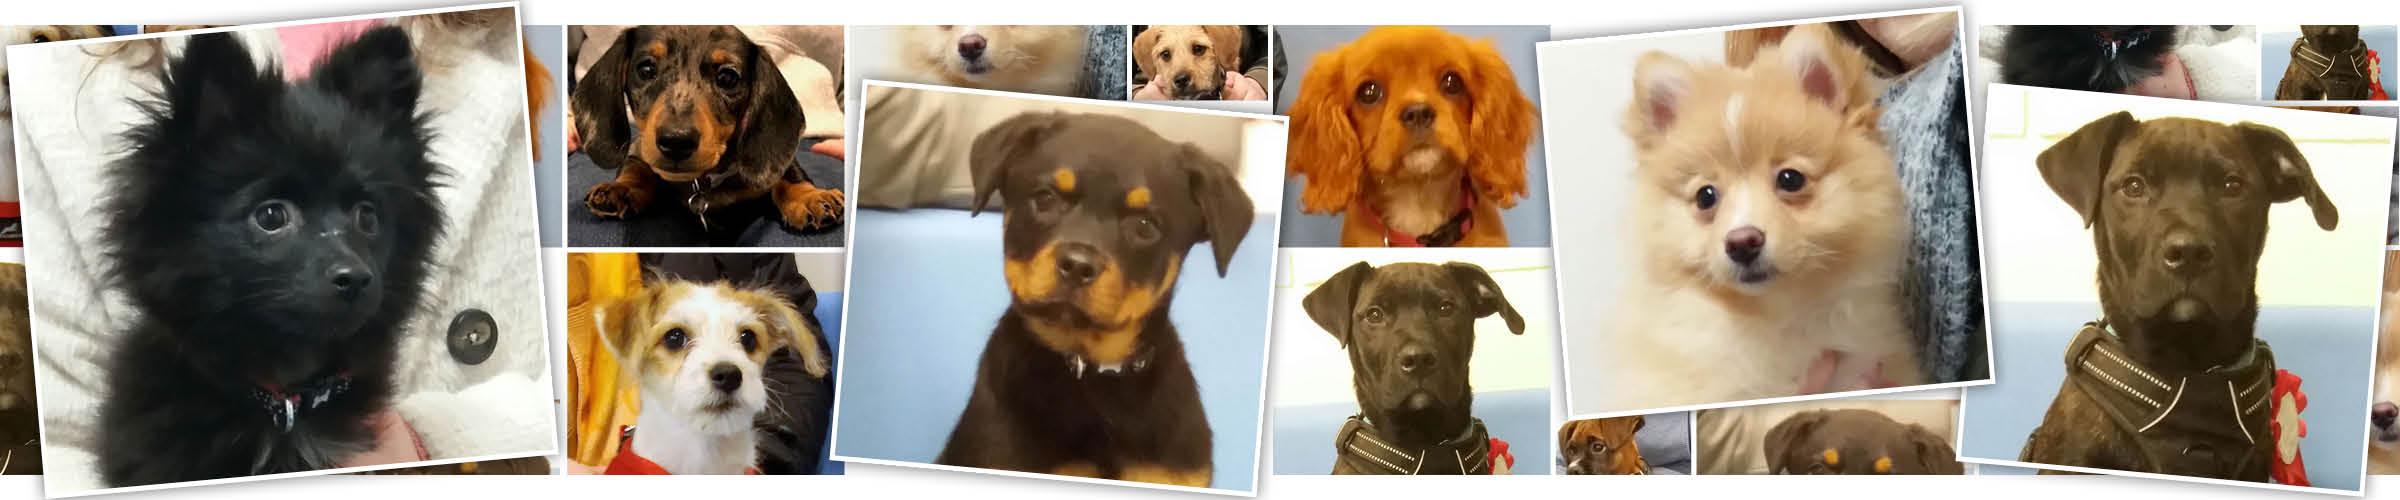 Macqueen Puppy Party Graduates from devizes, pewsey, potterne, market lavington